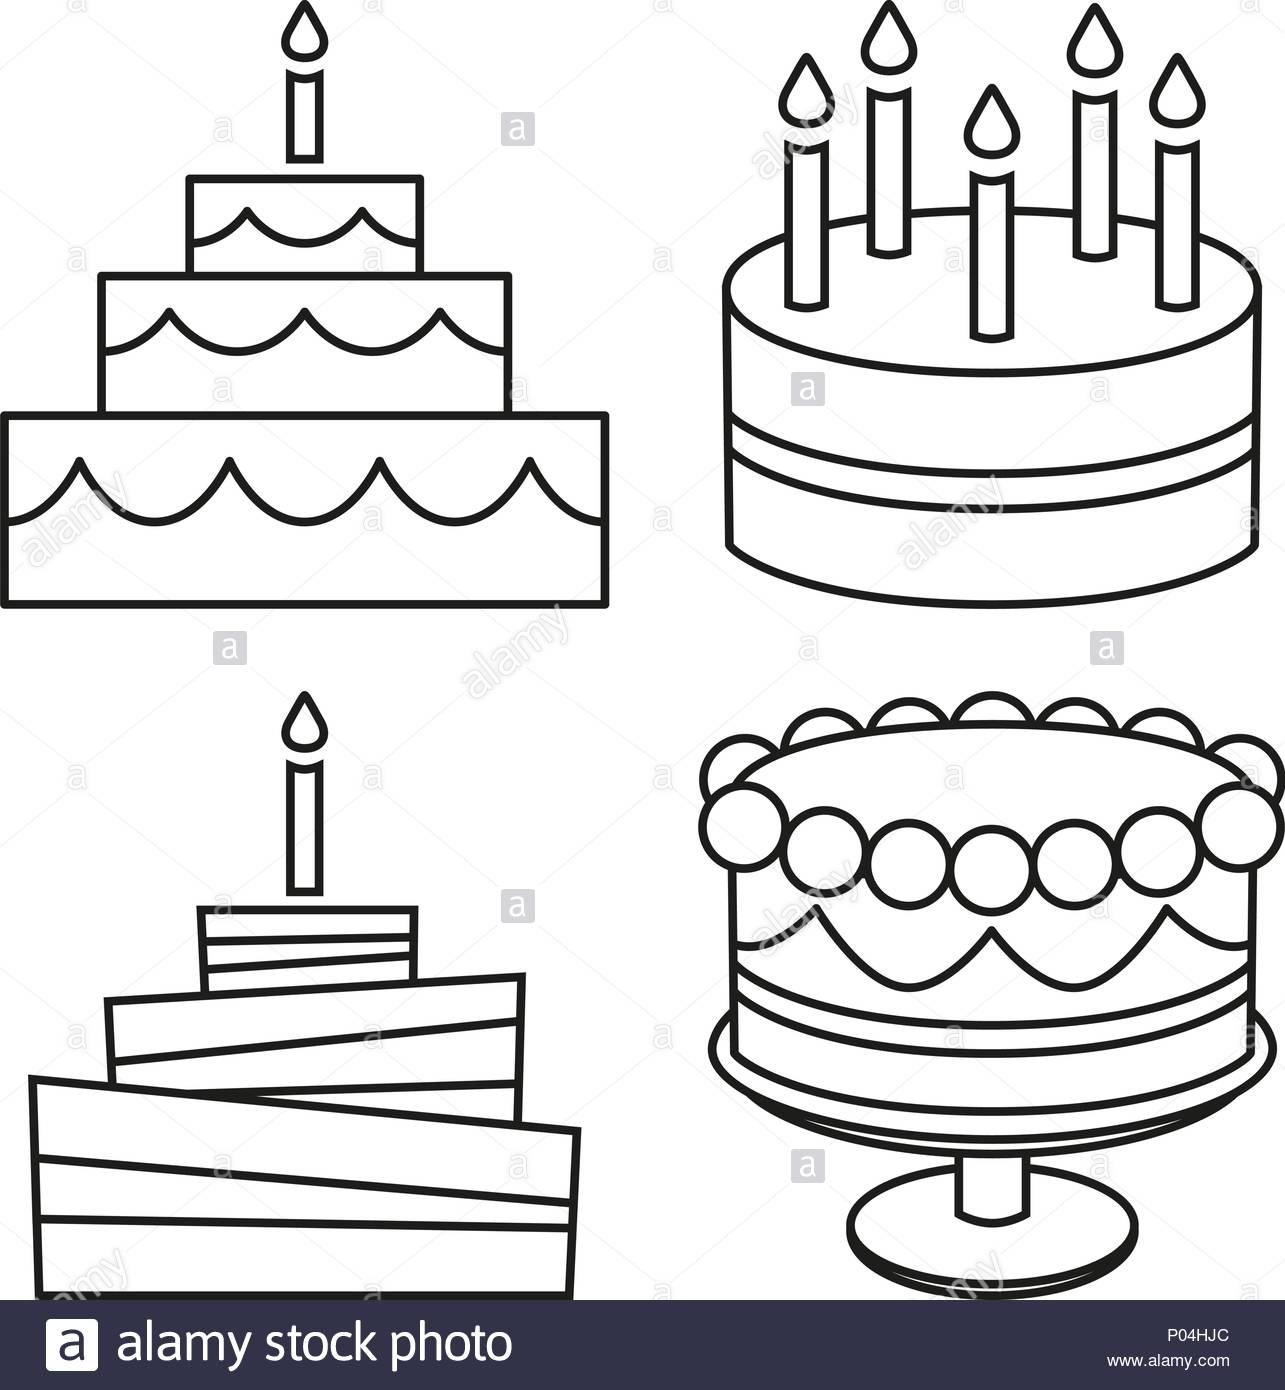 Line art black and white birthday cake set Stock Vector Art.